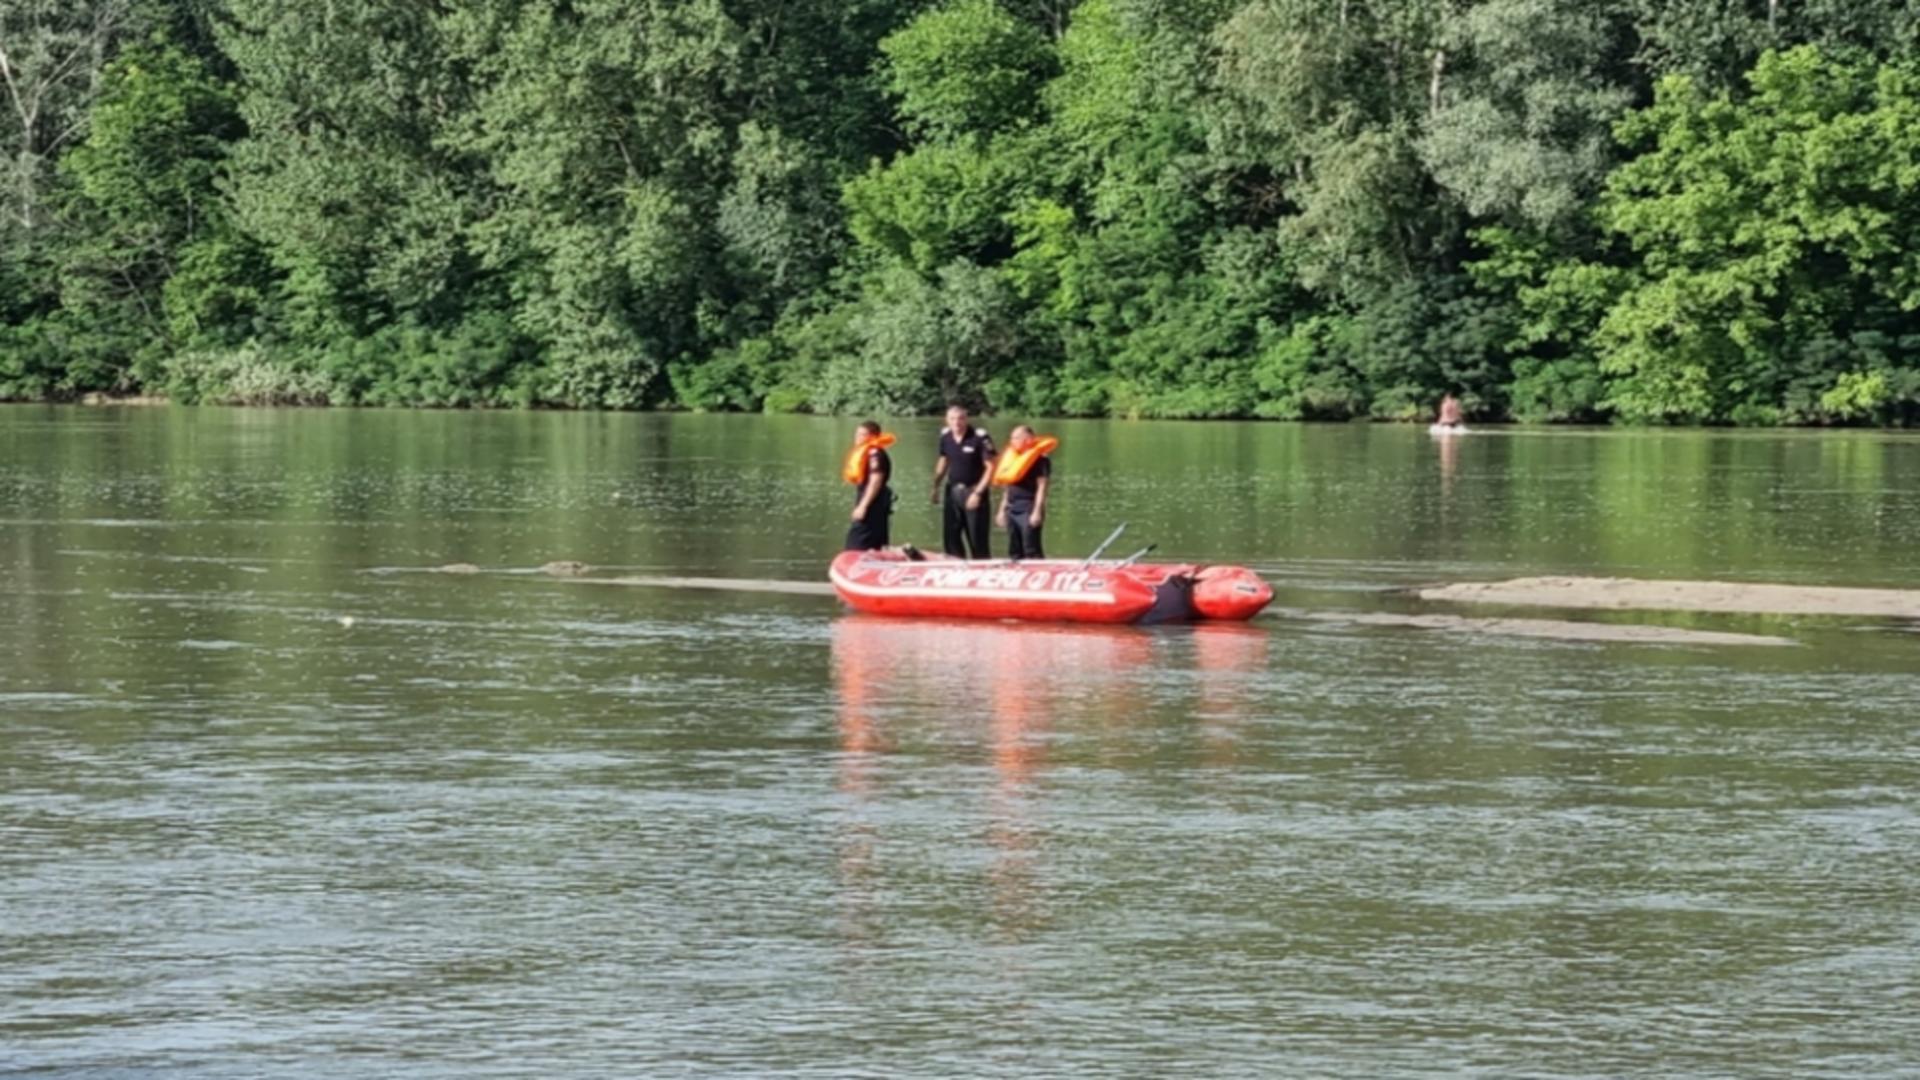 Copil înecat în râul Timiș, în timp ce era în tabără. Foto/Arhivă